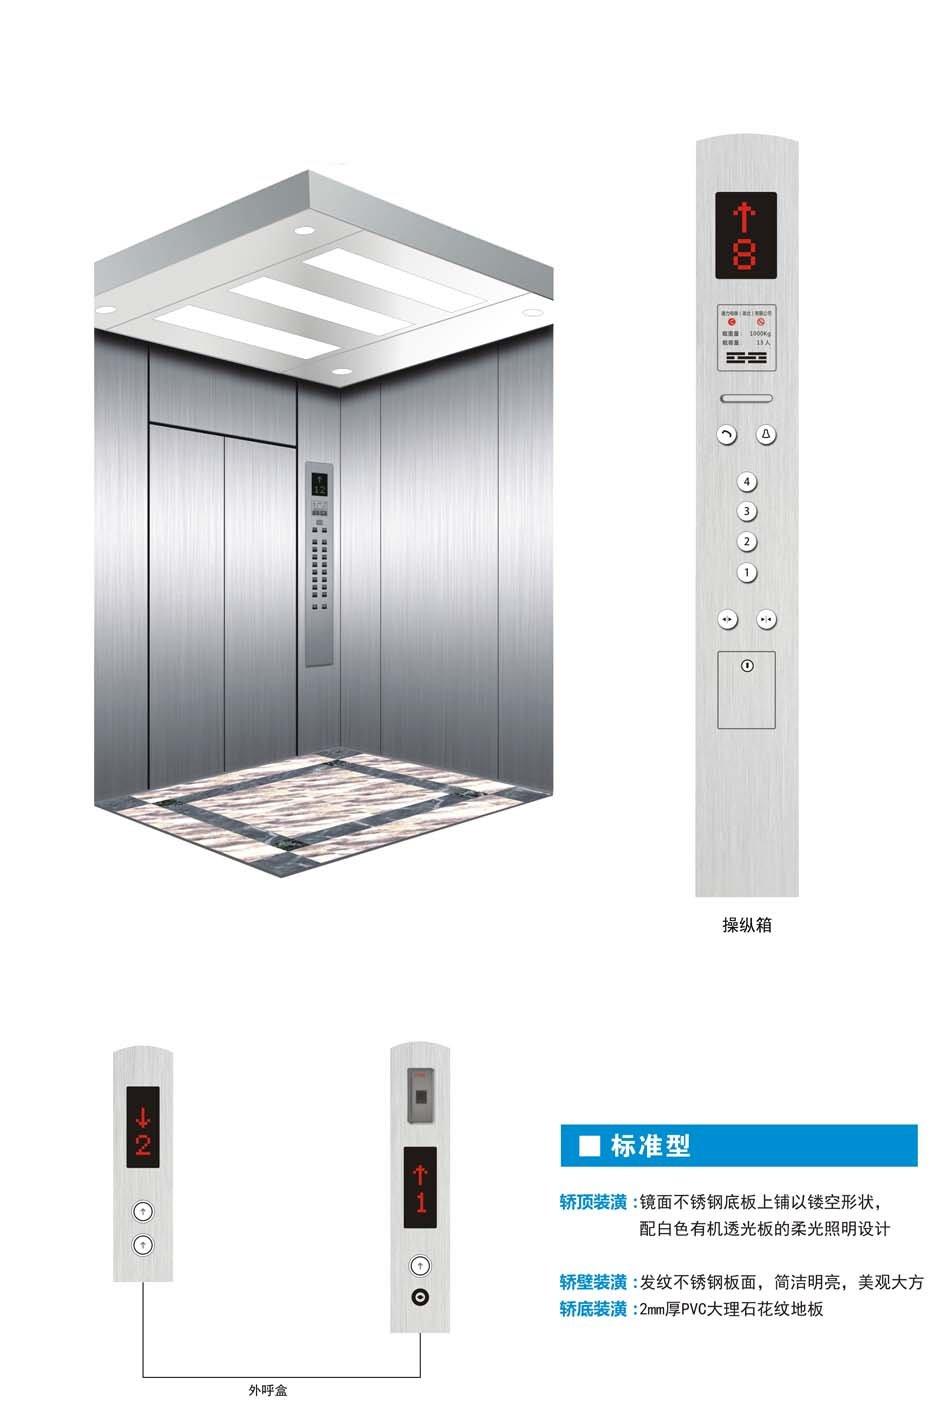 【通力】乘客电梯1.jpg